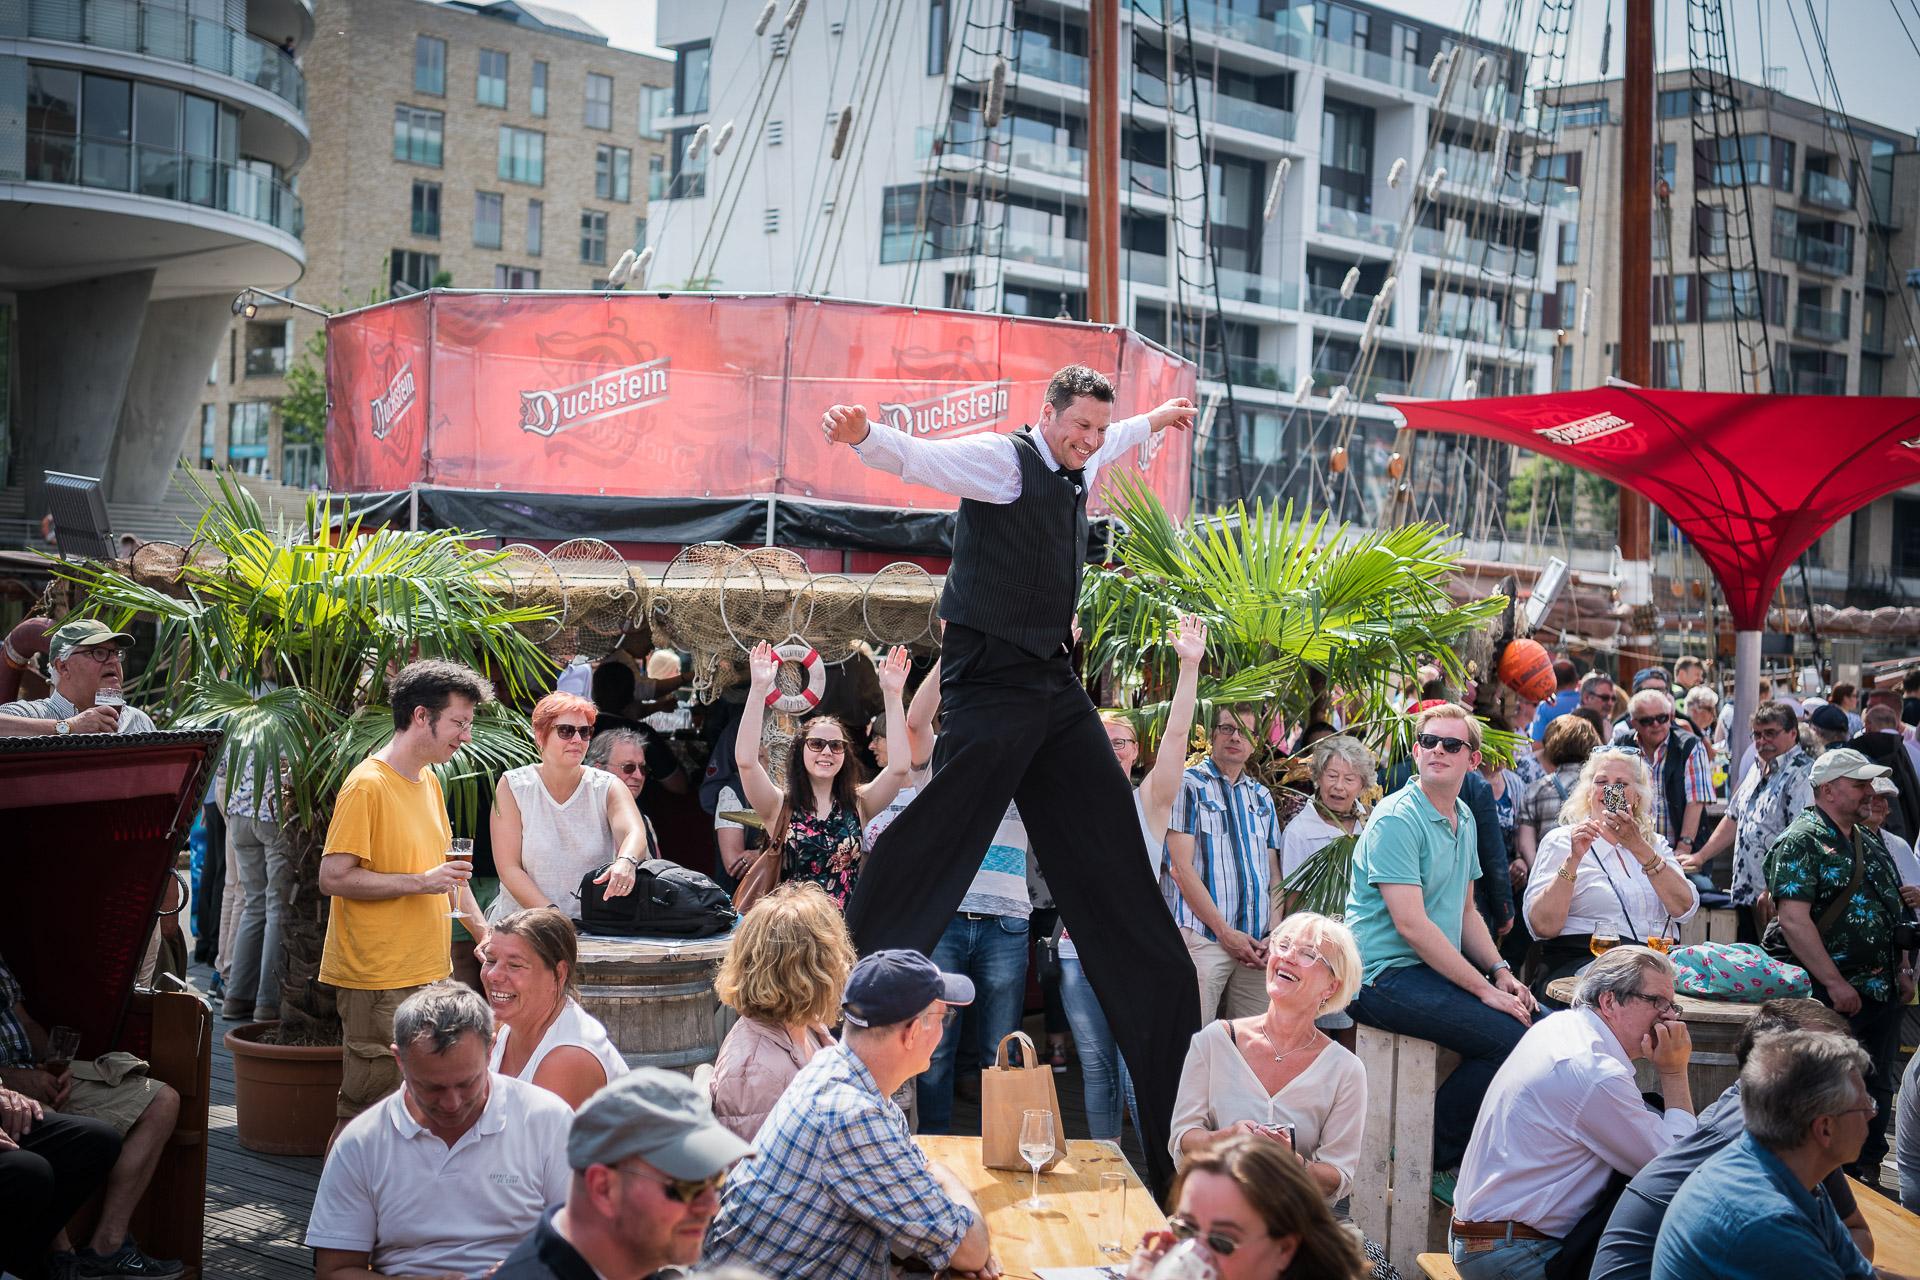 Sir Julian begrüsst Ihre Gäste ganz gross. Der Stelzenman ist ein überragender Blickfang für Ihren Empfang. Auf Stadtfesten, Jubiläen und Festivals hebt er die Stimmung auf das hohe Niveau Ihrer Veranstaltung. Der Stelzen Walk-Act verblüfft grosses und kleines Publikum mit Stelzen Akrobatik auf Riesen-Schritten. Ein Comedy Walk-Act der Spitzenklasse auf Ihrer Firmen Gala. Hier beim Traditionsschiff-Hafen beim Hafengeburtstag in Hamburg ein toller Blickfang auch neben der Elbphilharmonie. #willkommenimspass